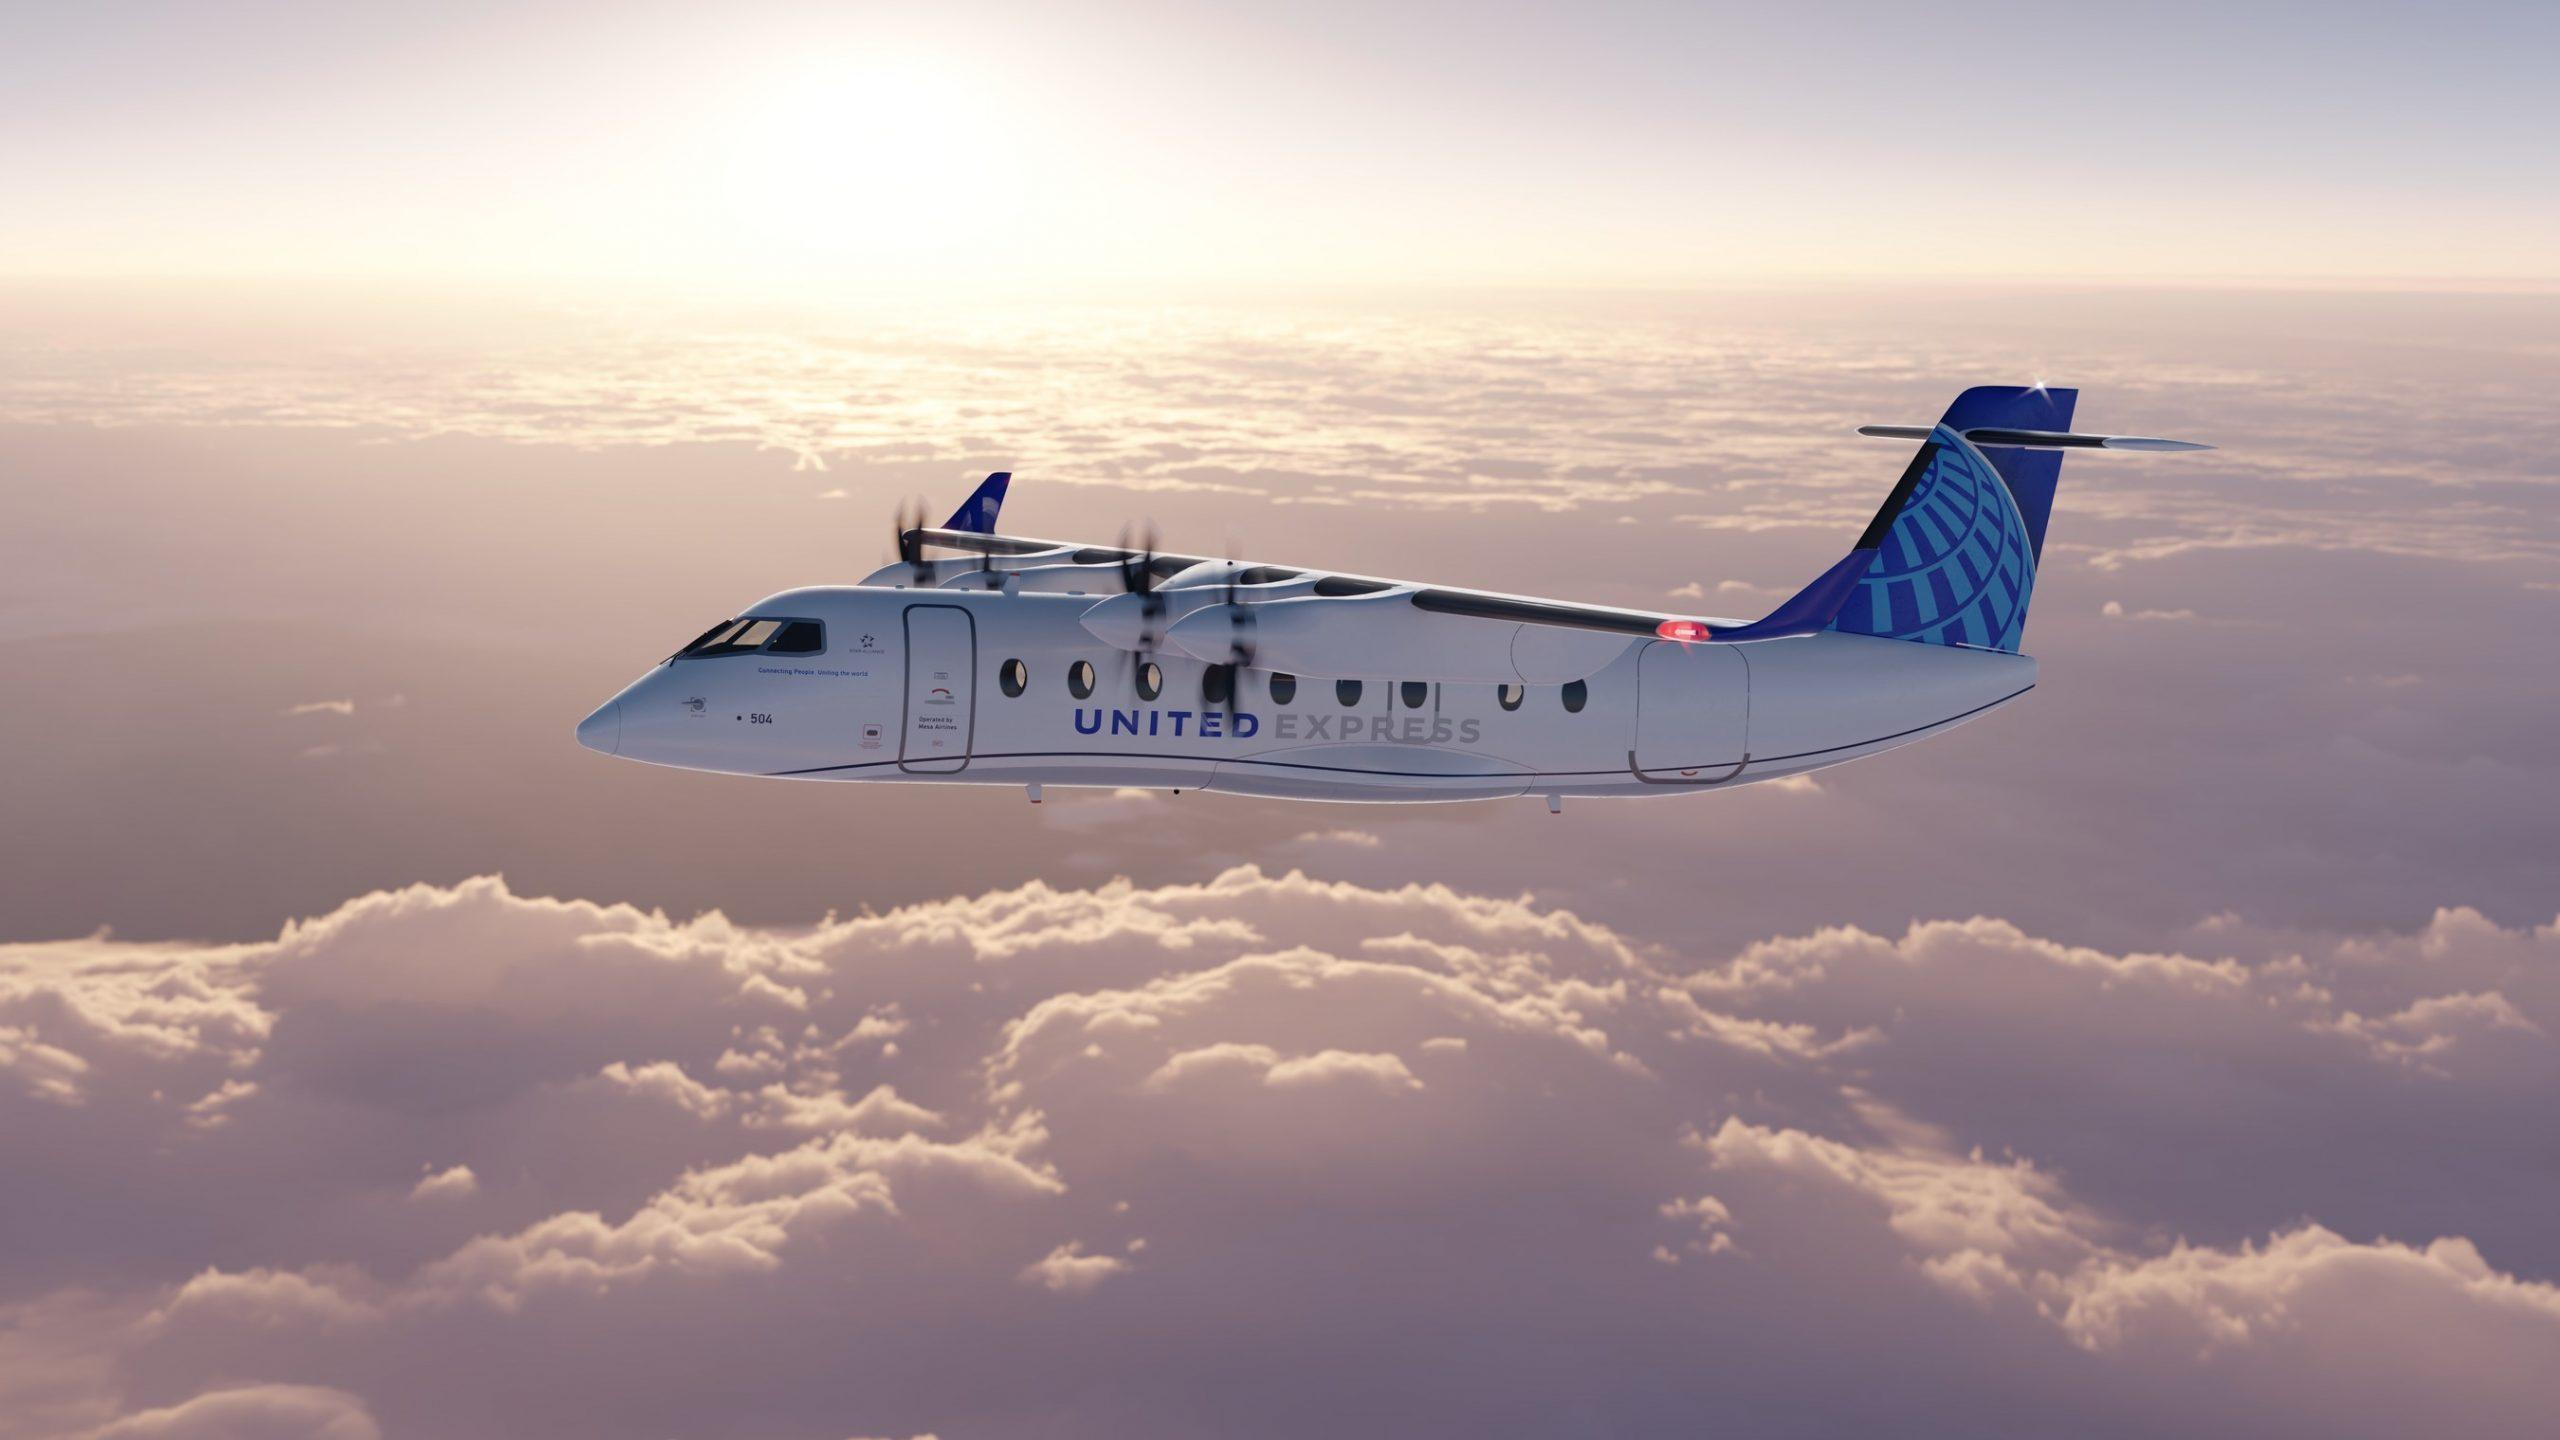 United Airlines har bestilt 100 elfly af typen ES-19 fra svenske Heart Aerospace. Foto: United Airlines